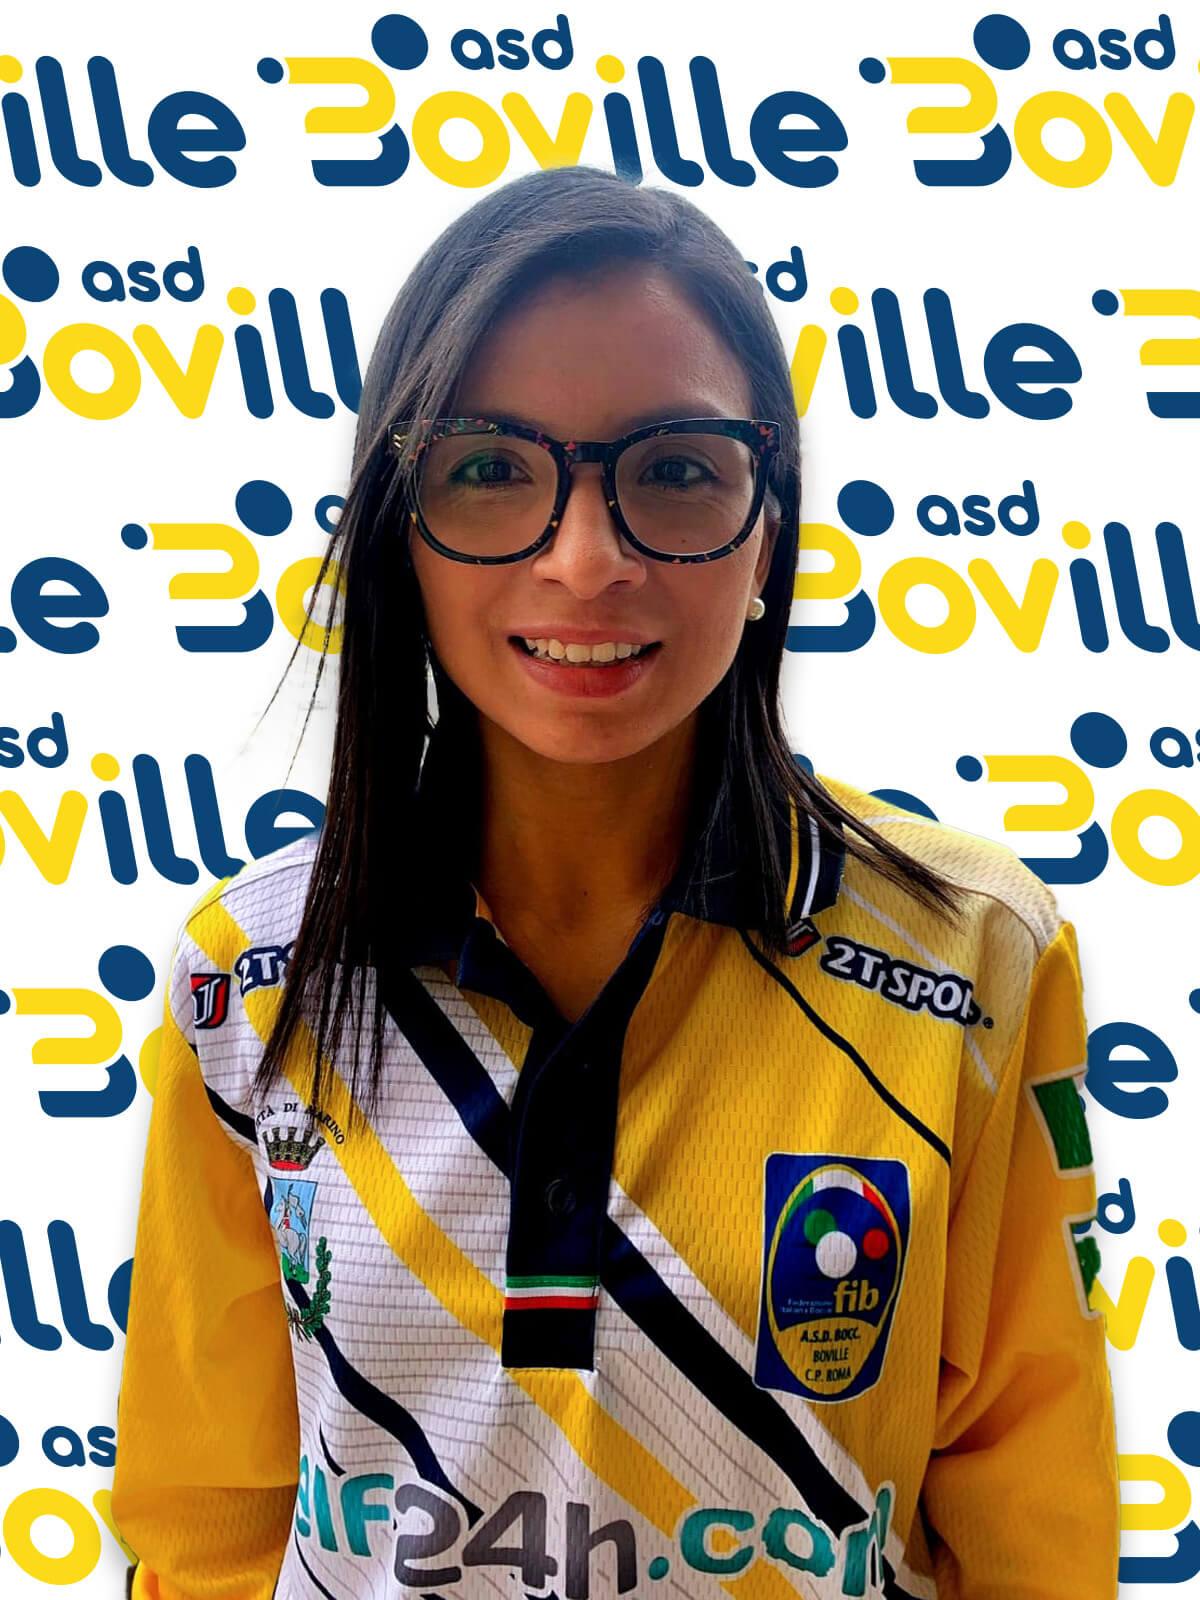 Andrea Duran Garcia